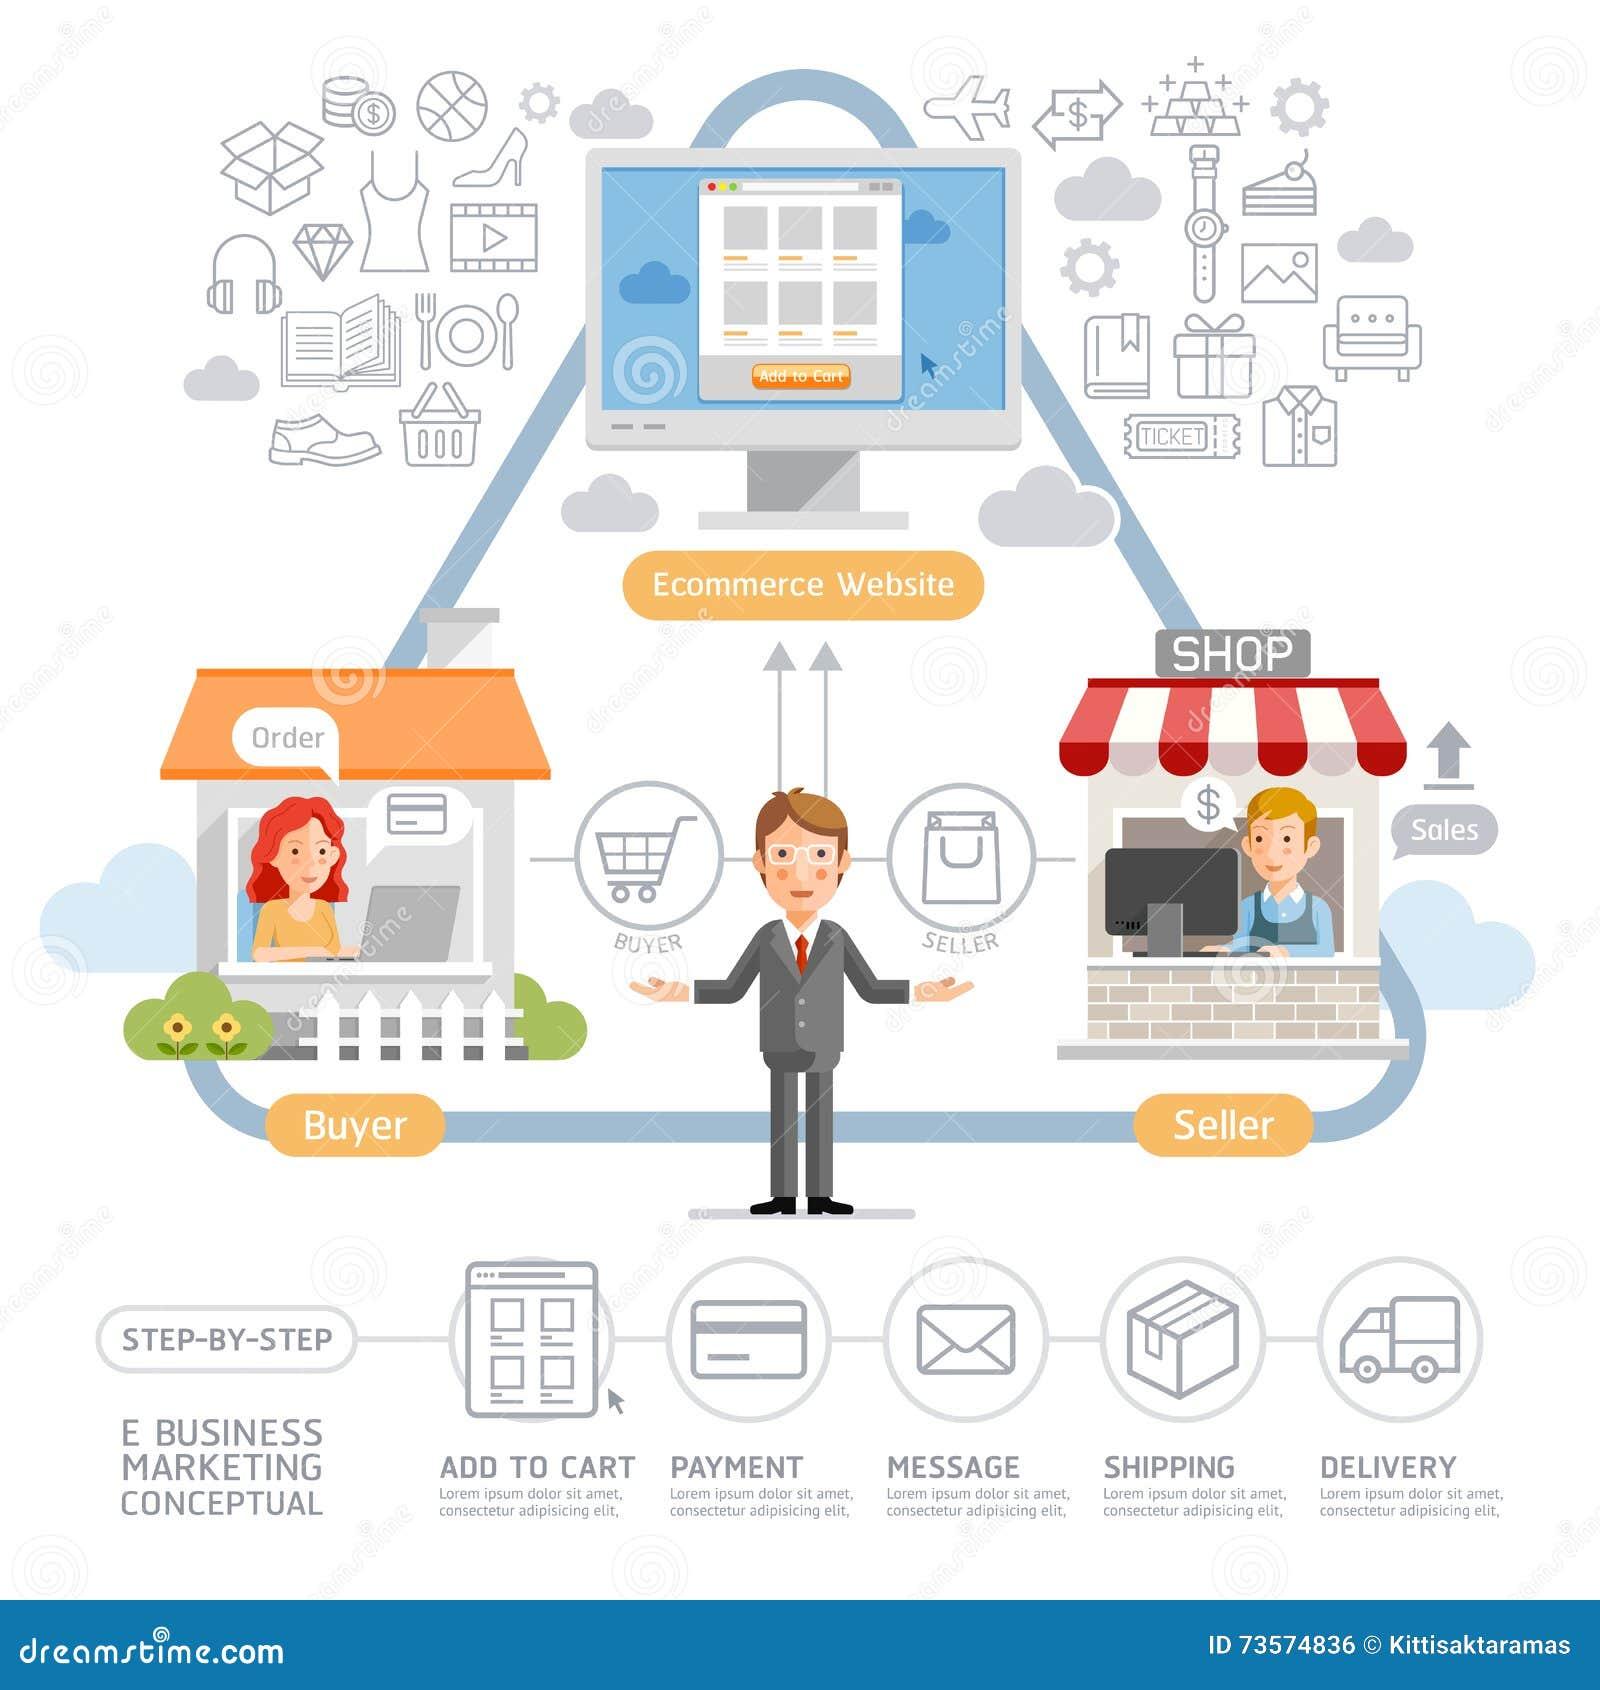 E Business Marketing Diagram Conceptual  Stock Vector